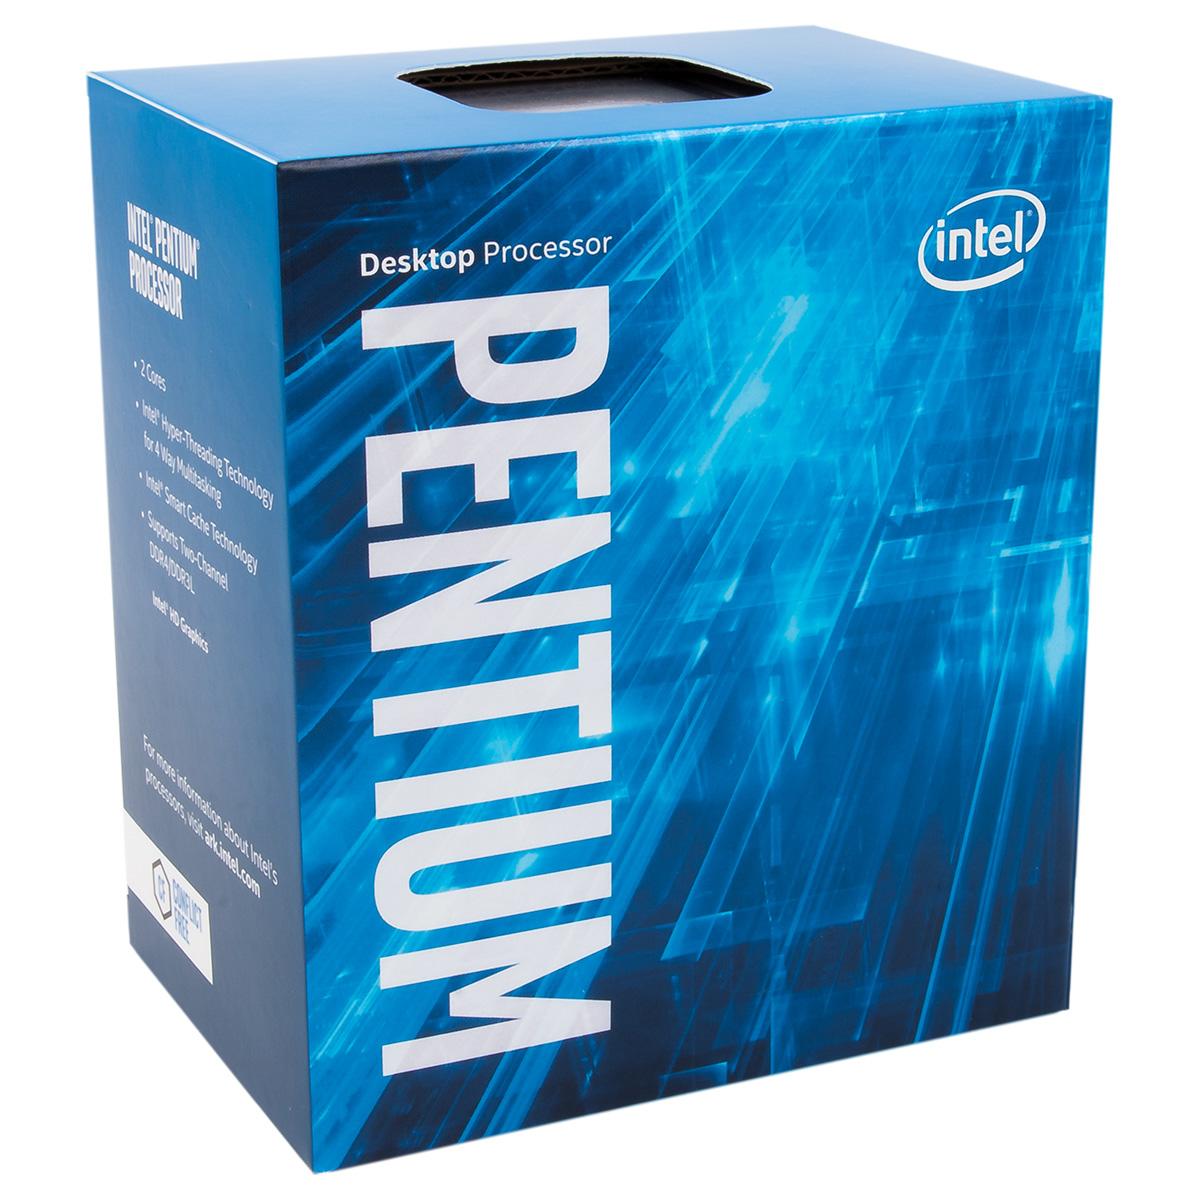 Processeur Intel Pentium G4560 (3.5 GHz) Processeur Dual Core Socket 1151 Cache L3 3 Mo Intel HD Graphics 610 0.014 micron (version boîte - garantie Intel 3 ans)